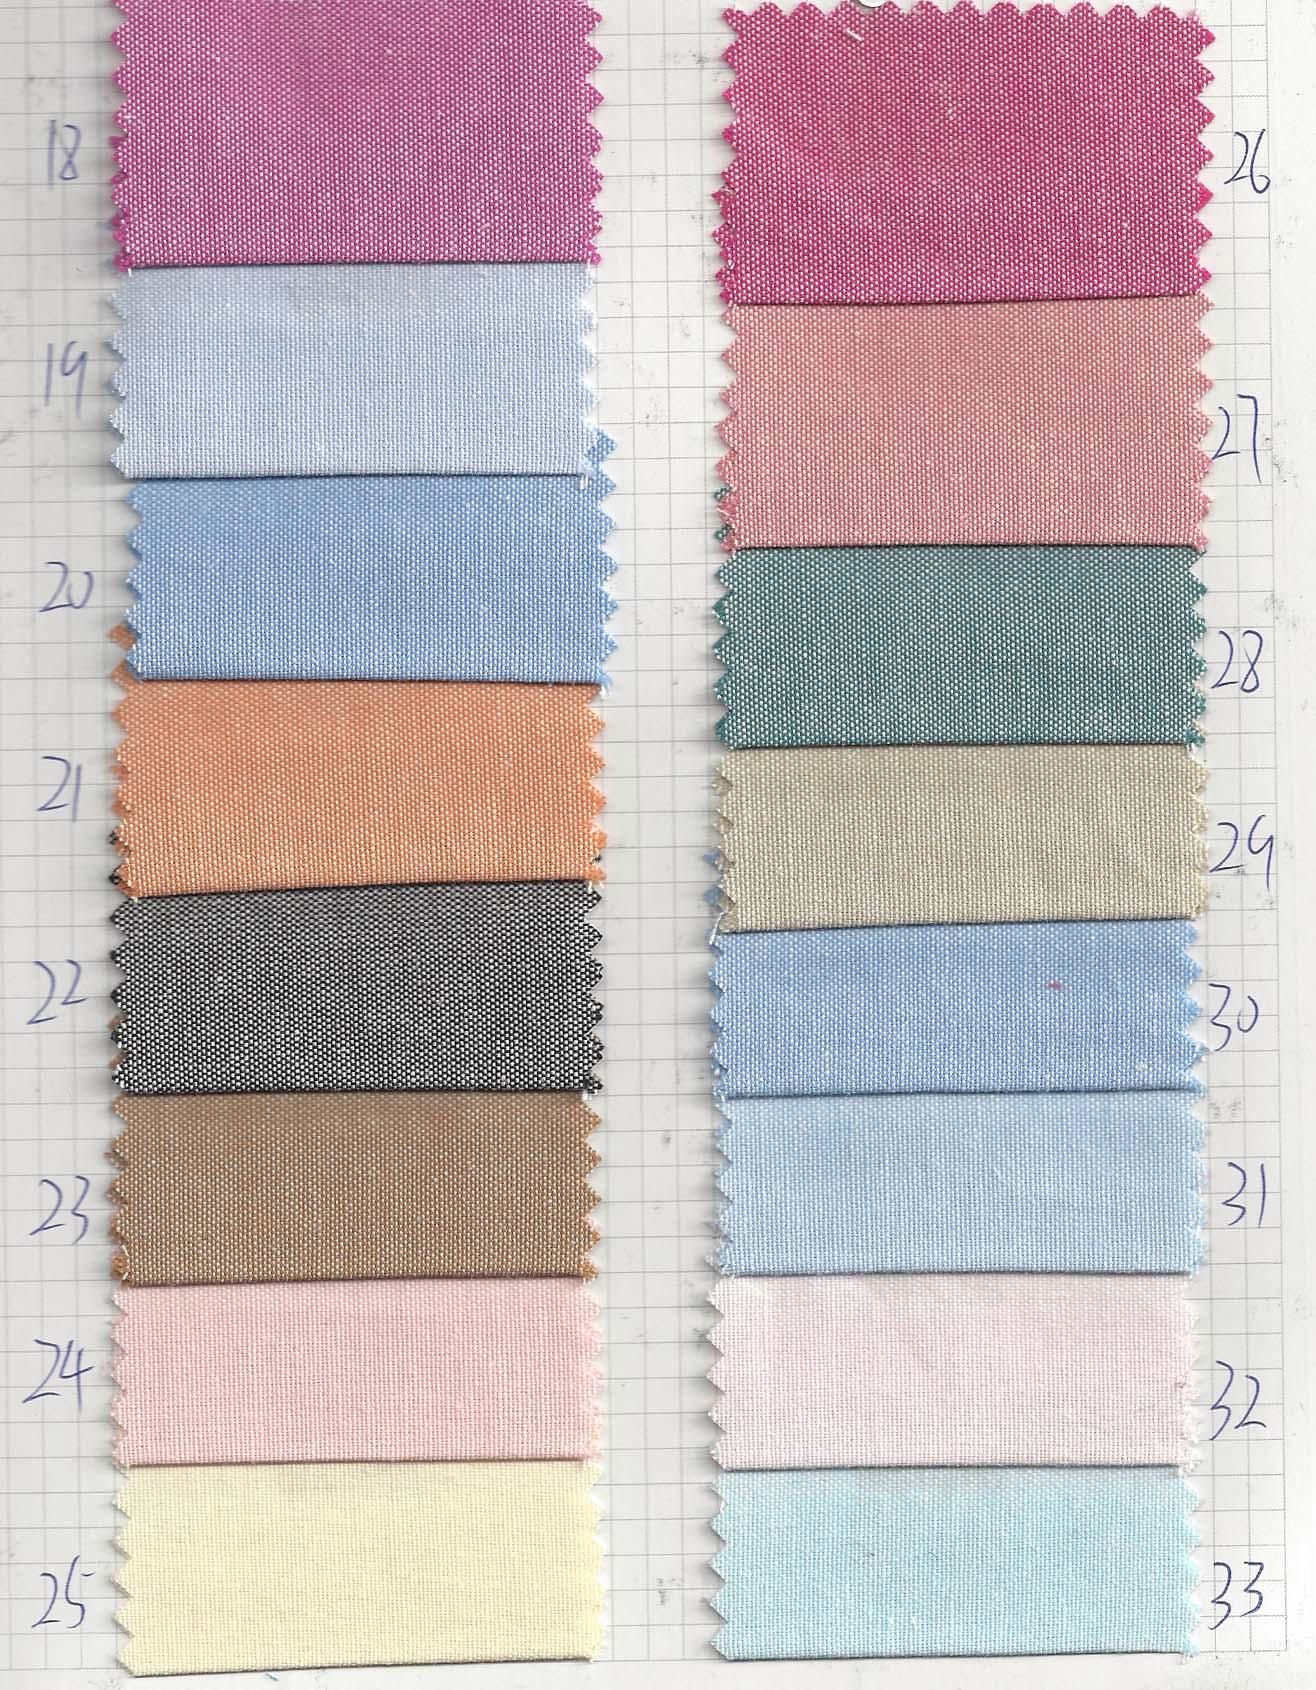 Yonglida Textile Oxford 73-2.jpg